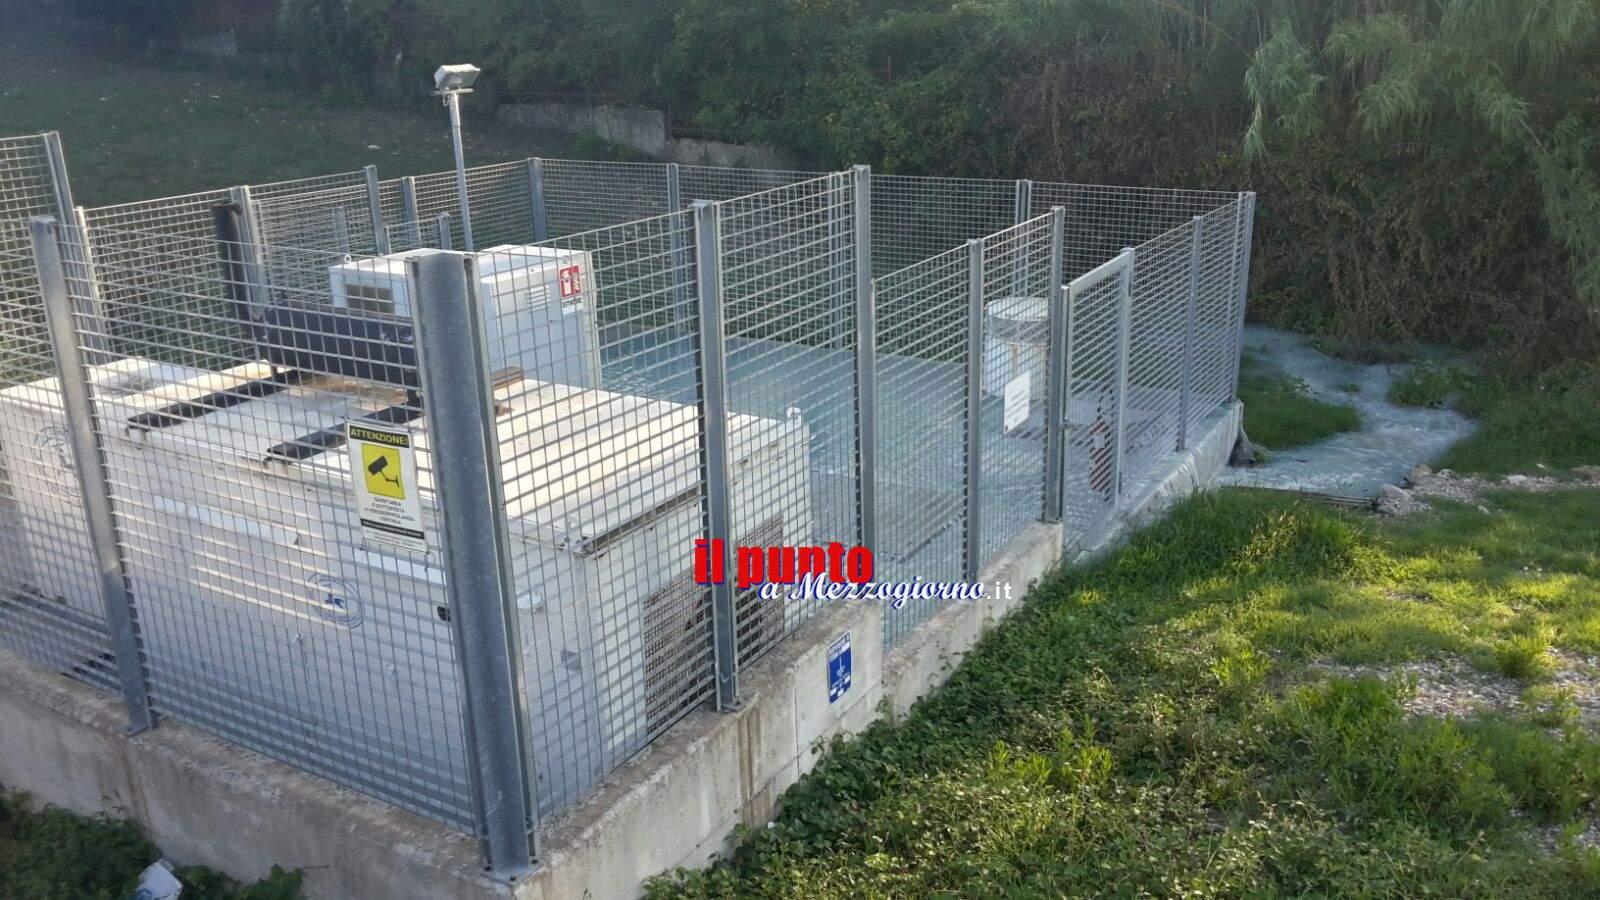 Impianto sollevamento Cosilam via Cerro: Recinzione per garantire sicurezza agli impianti